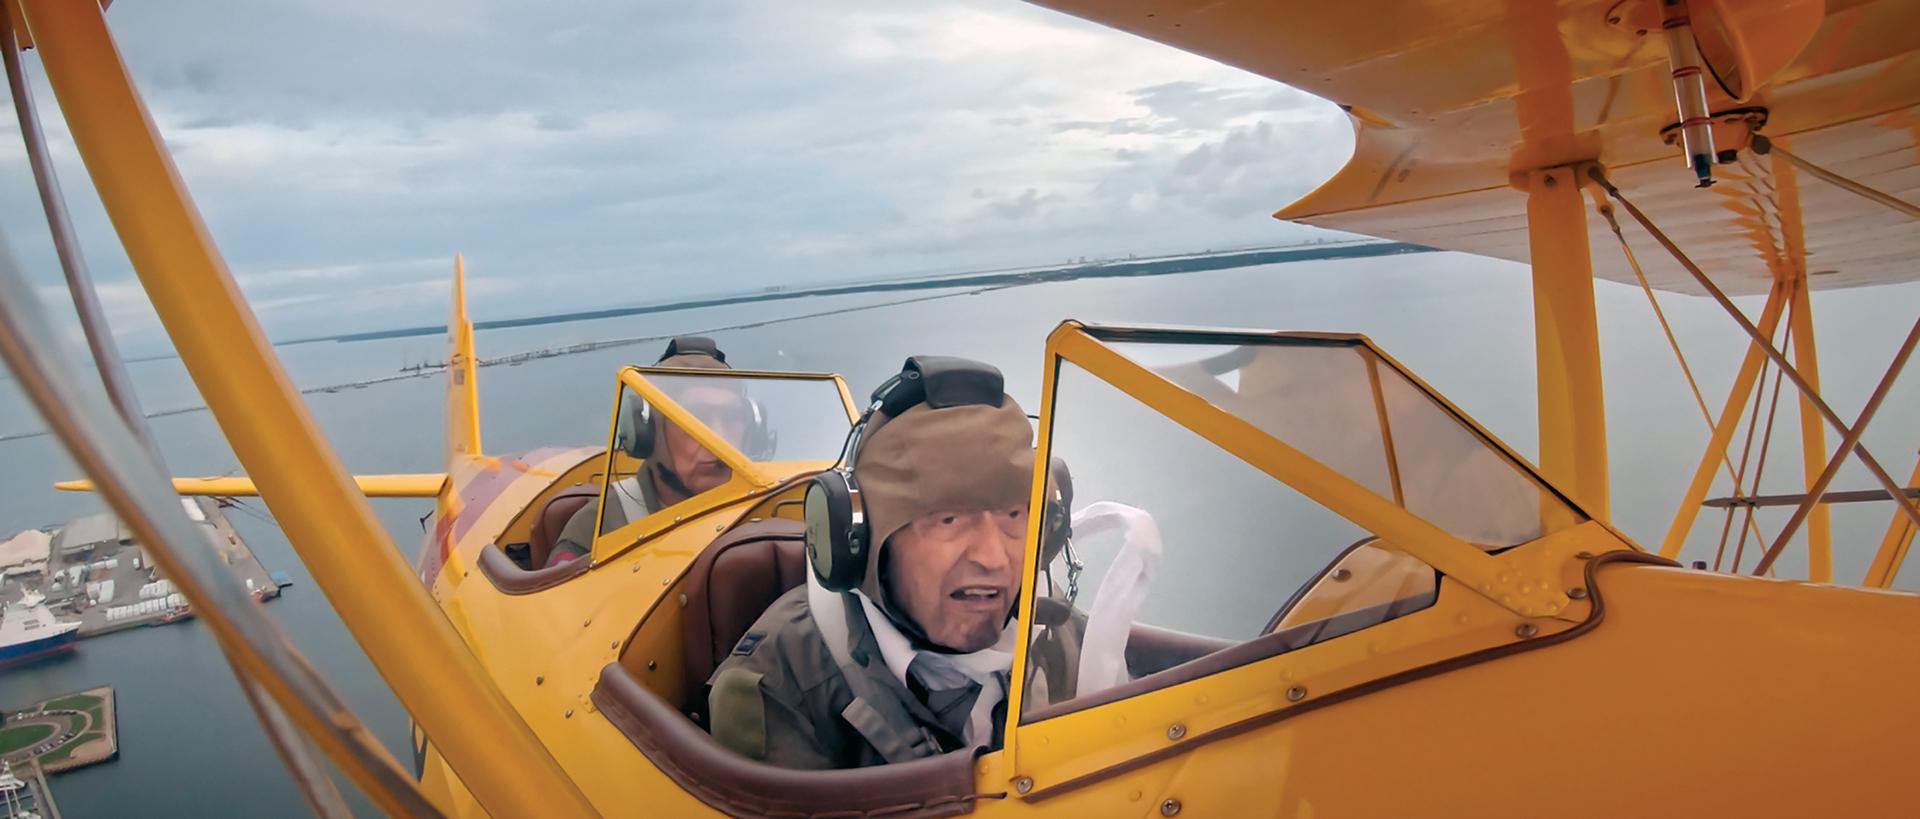 MyWish-Capt-Lane-in-plane